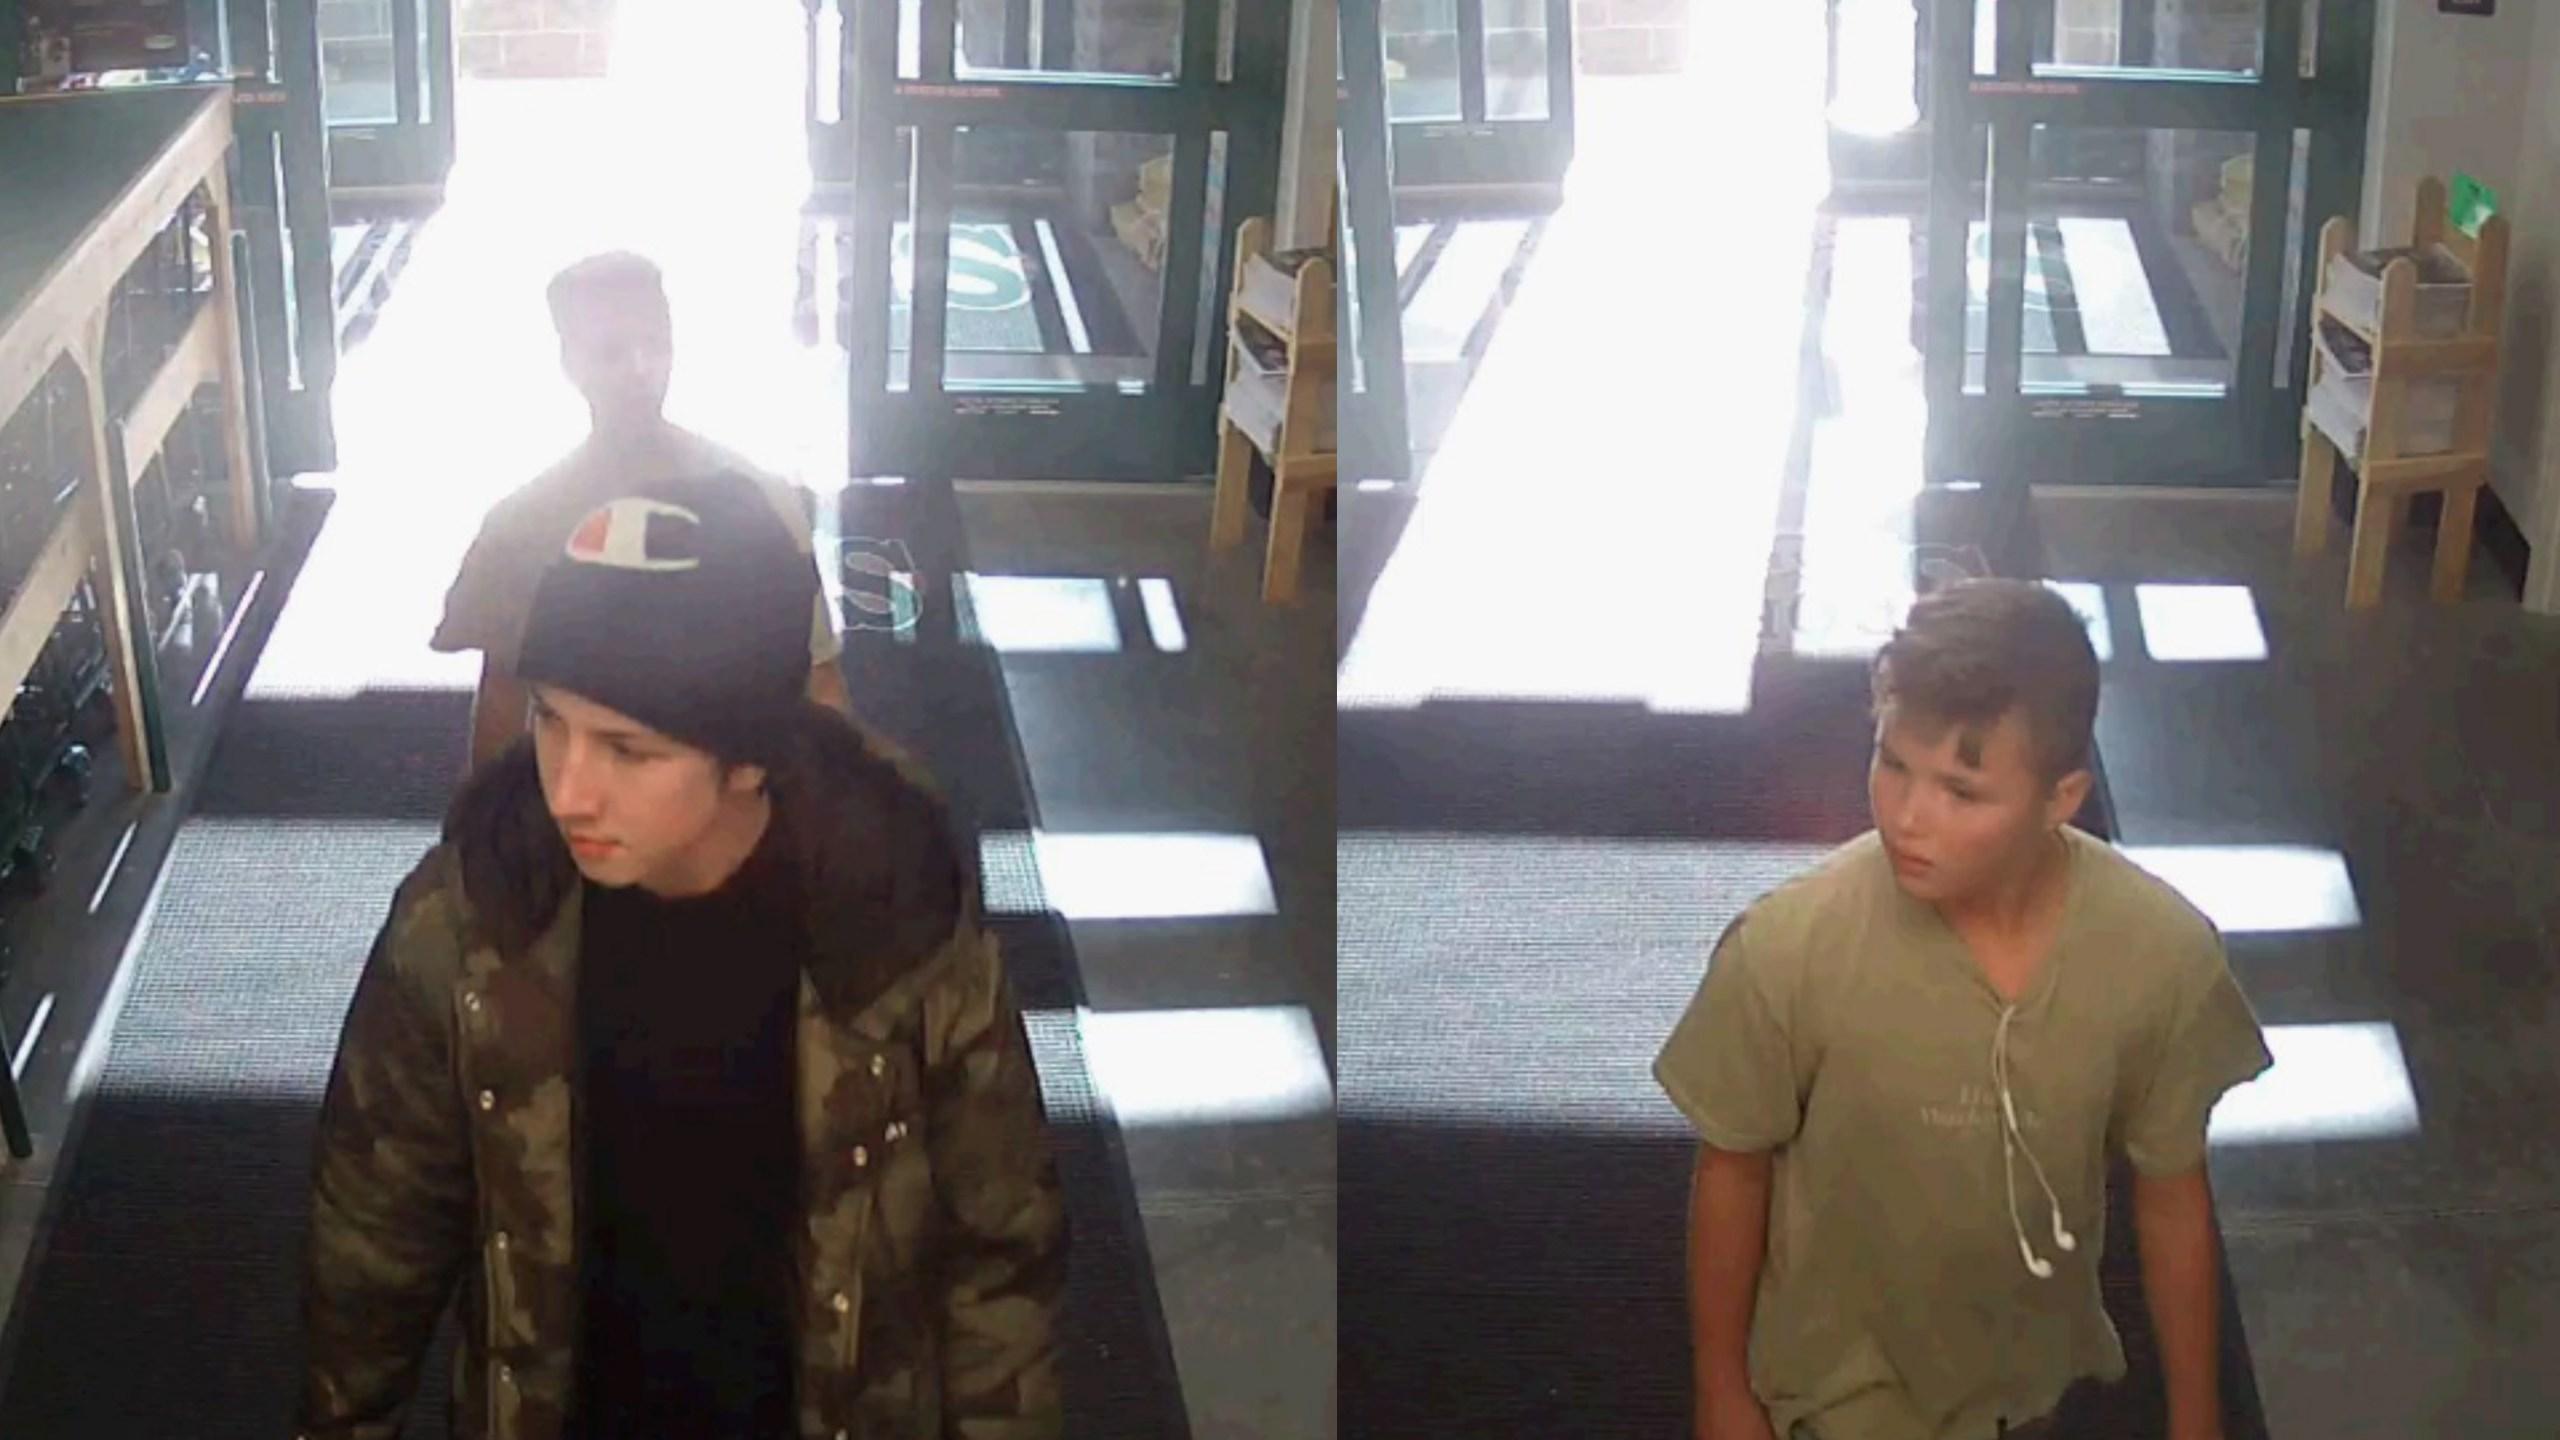 boys stolen handguns